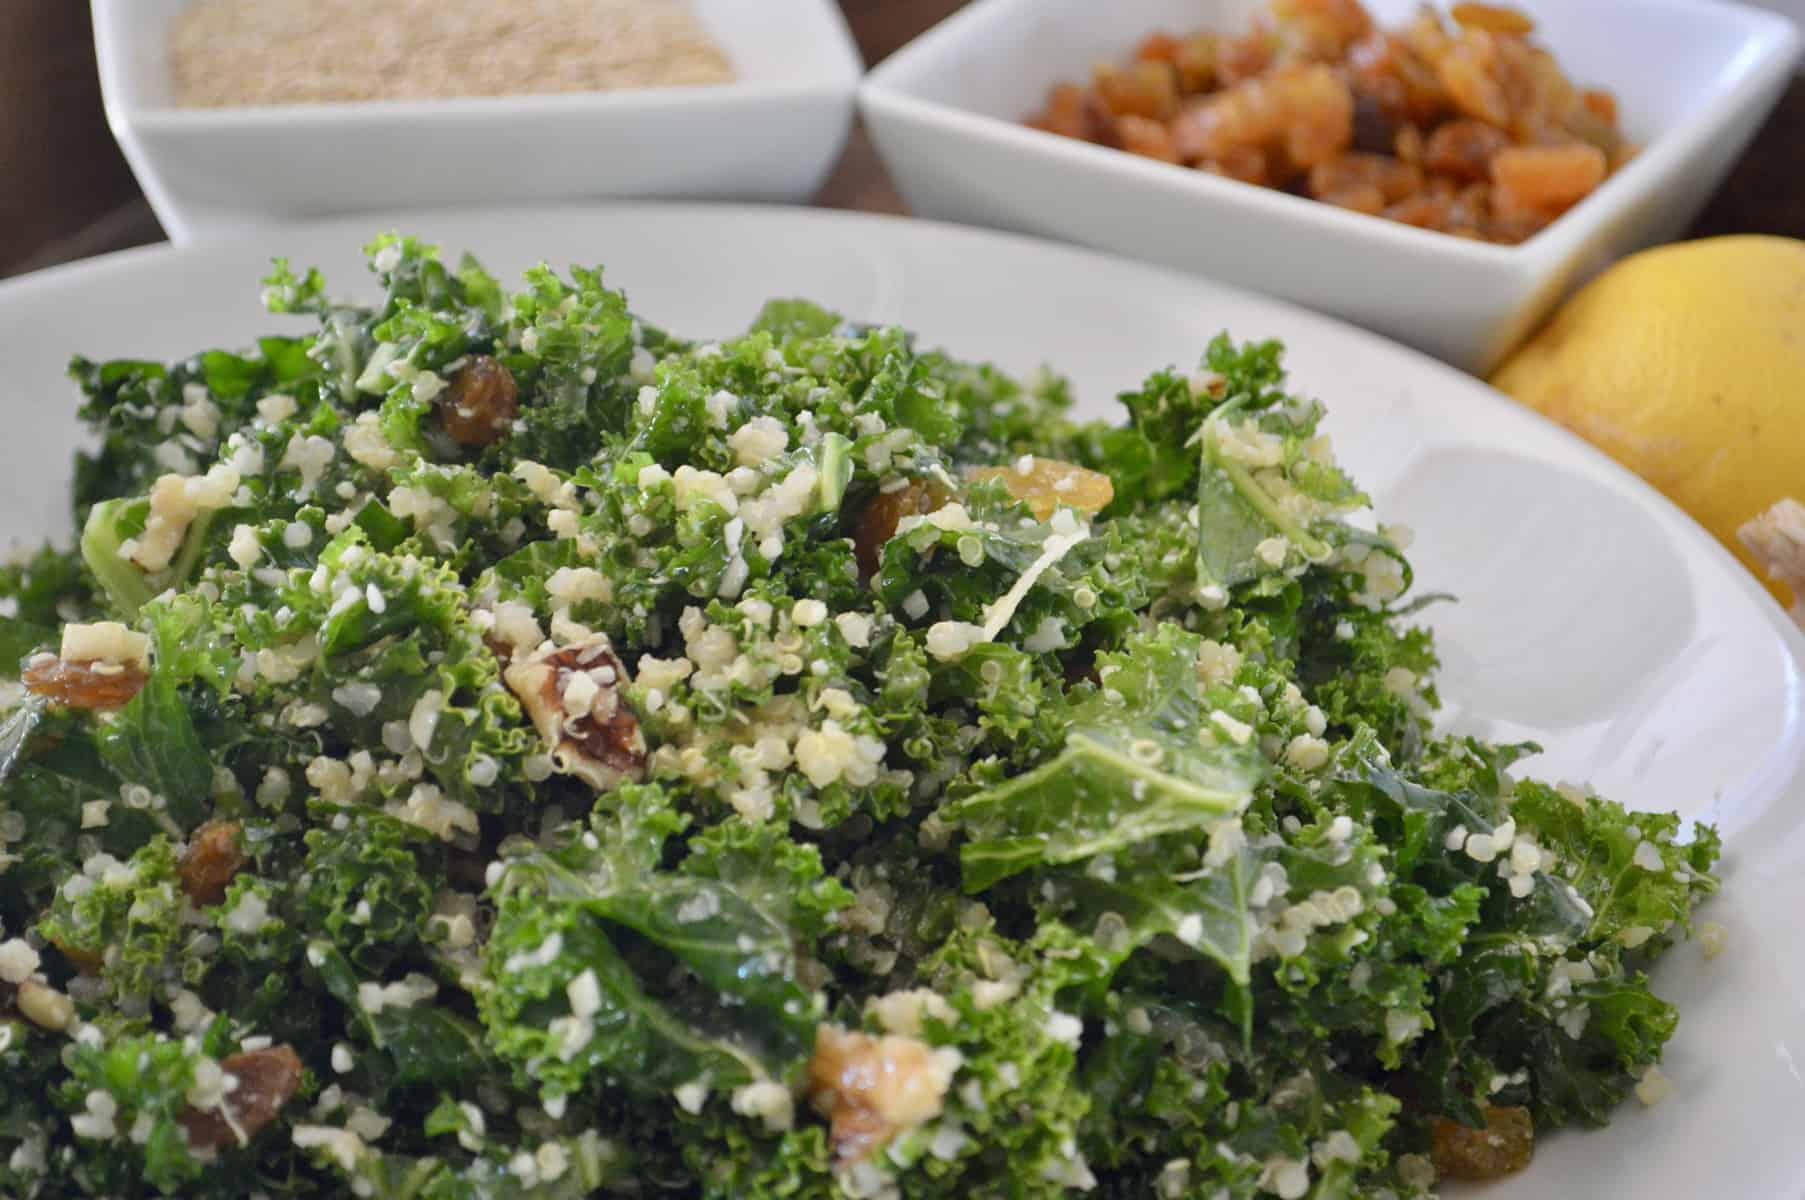 Kale Quinoa Salad with golden raisins and lemon